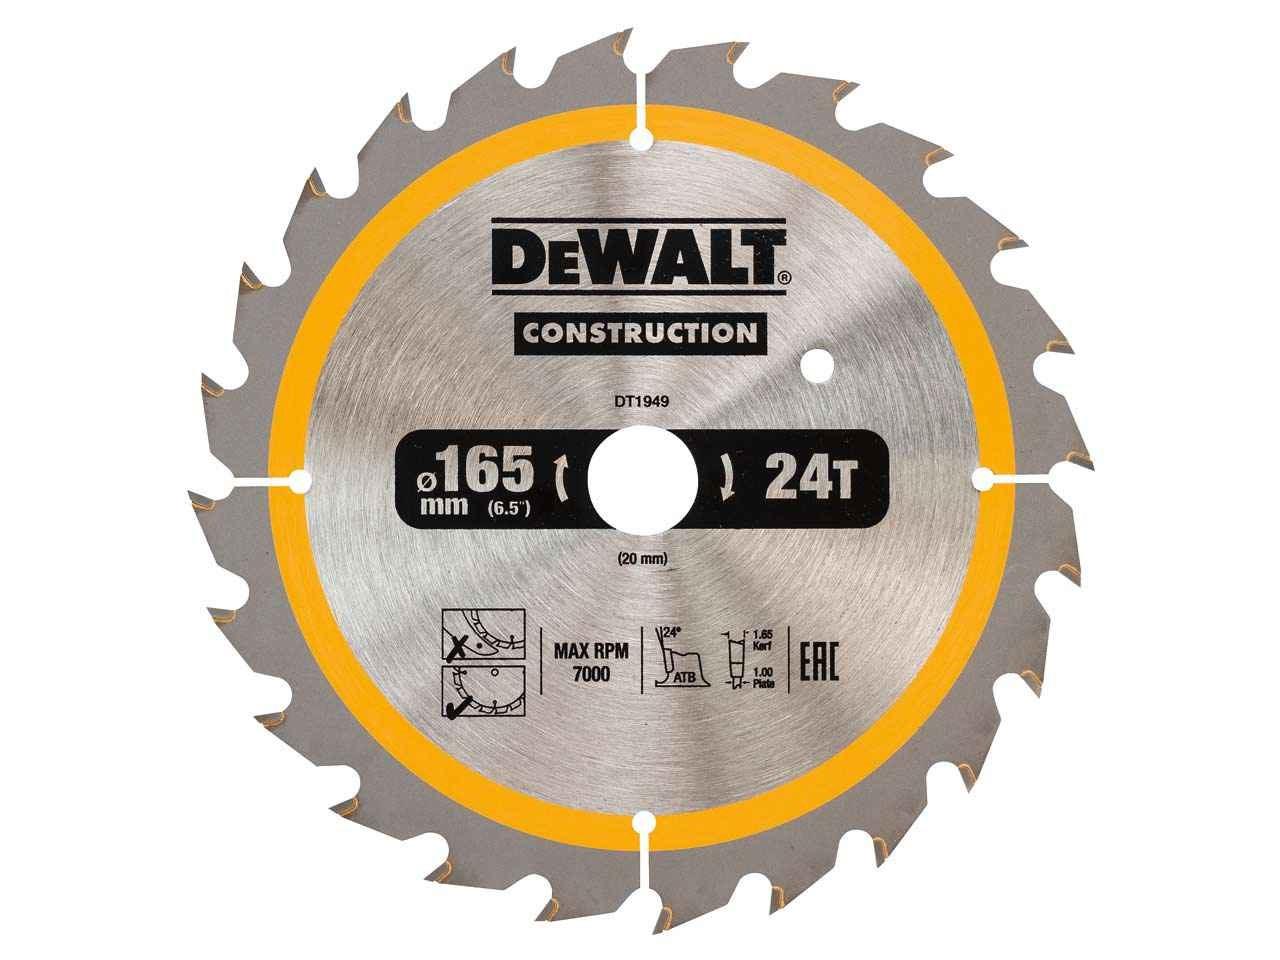 Dewalt dt1949 qz construction circular saw blade 165x20mm 24t greentooth Gallery